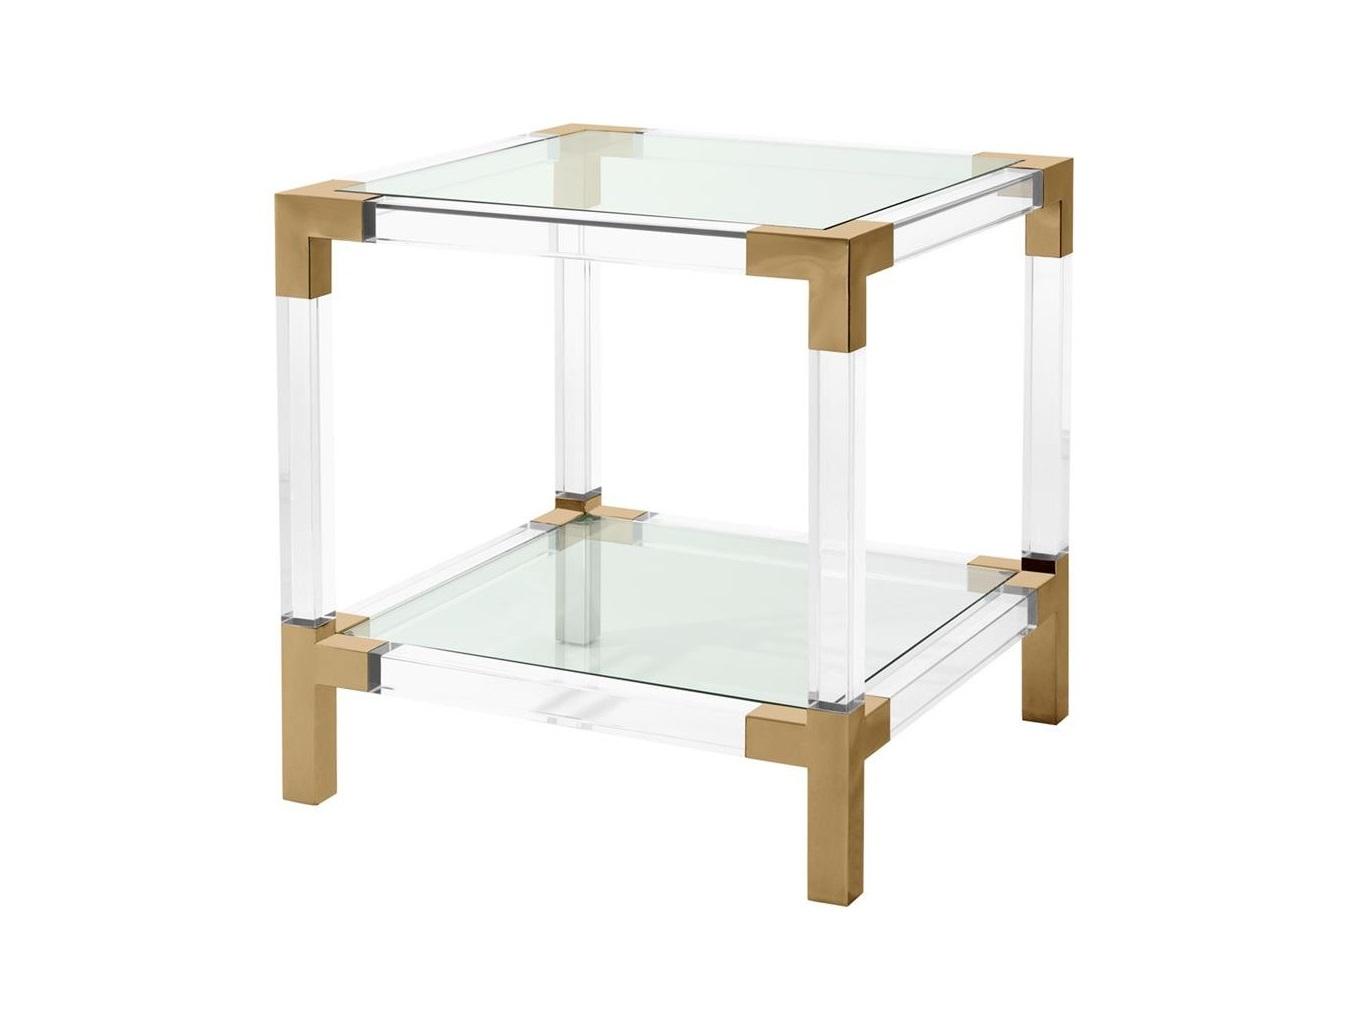 Приставной столик RoyaltonПриставные столики<br>Приставной столик Royalton с каркасом из прозрачного акрила и металла.&amp;amp;nbsp;&amp;lt;div&amp;gt;Отделка металла брашированная латунь.&amp;amp;nbsp;&amp;lt;/div&amp;gt;&amp;lt;div&amp;gt;Полка и столешница из прозрачного стекла.&amp;lt;/div&amp;gt;<br><br>Material: Стекло<br>Ширина см: 60.0<br>Высота см: 60.0<br>Глубина см: 60.0